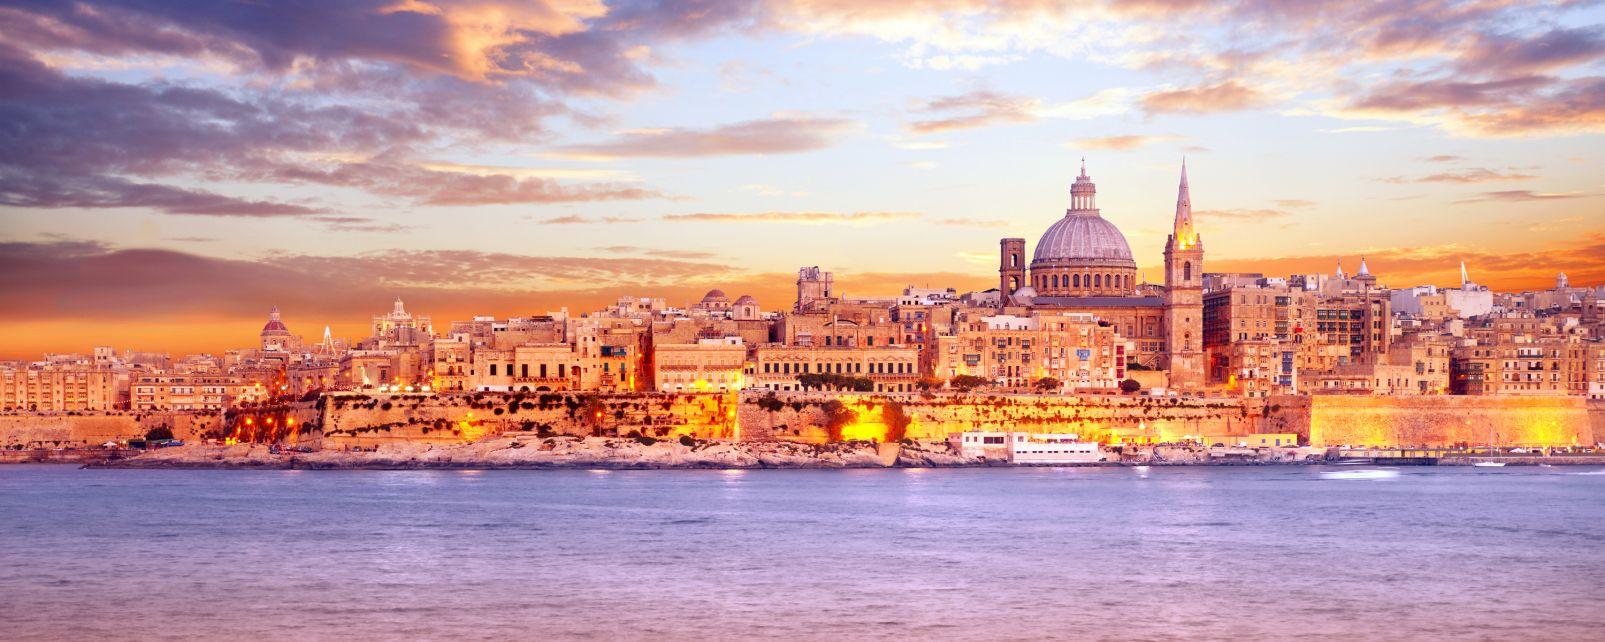 Malte, La Valette et la coupole de sa cathédrale